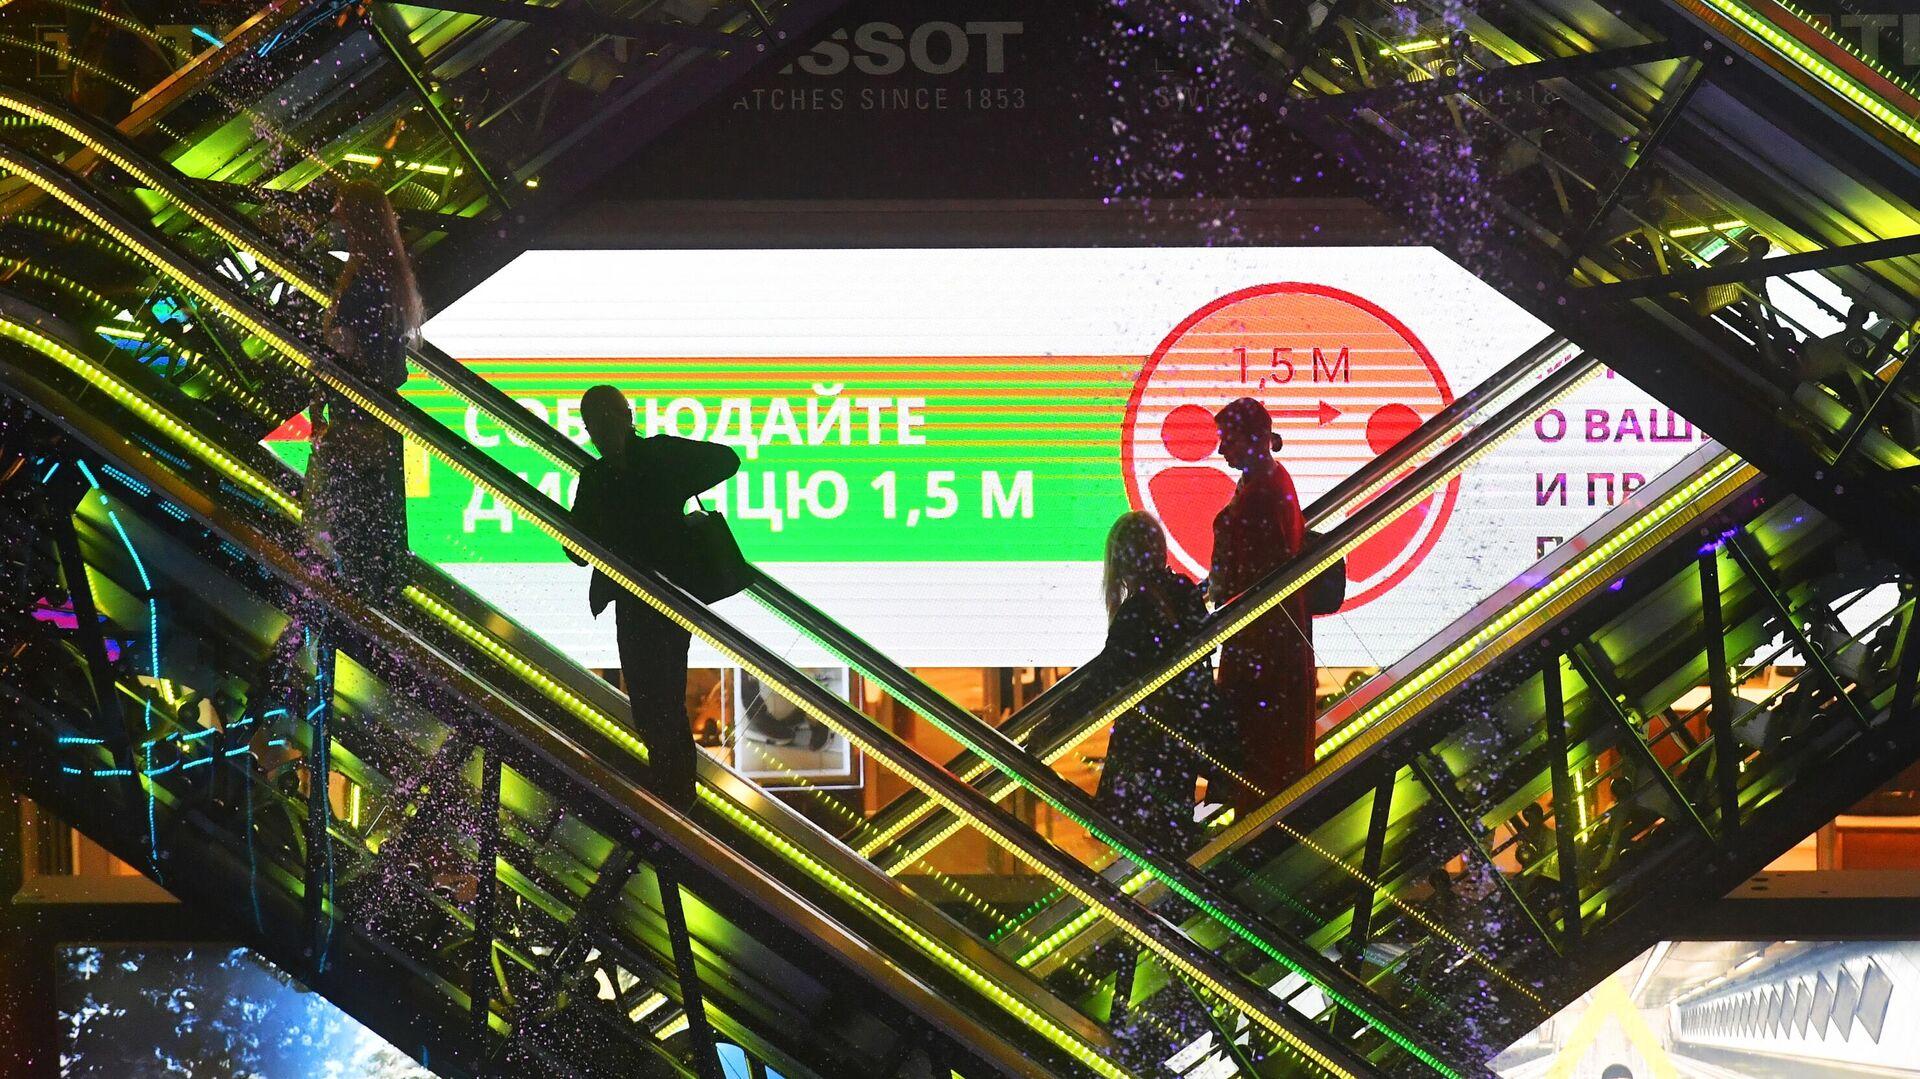 Информационное табло с надписью Соблюдайте дистанцию 1,5 м в ТРК Европейский в Москве  - РИА Новости, 1920, 01.01.2021